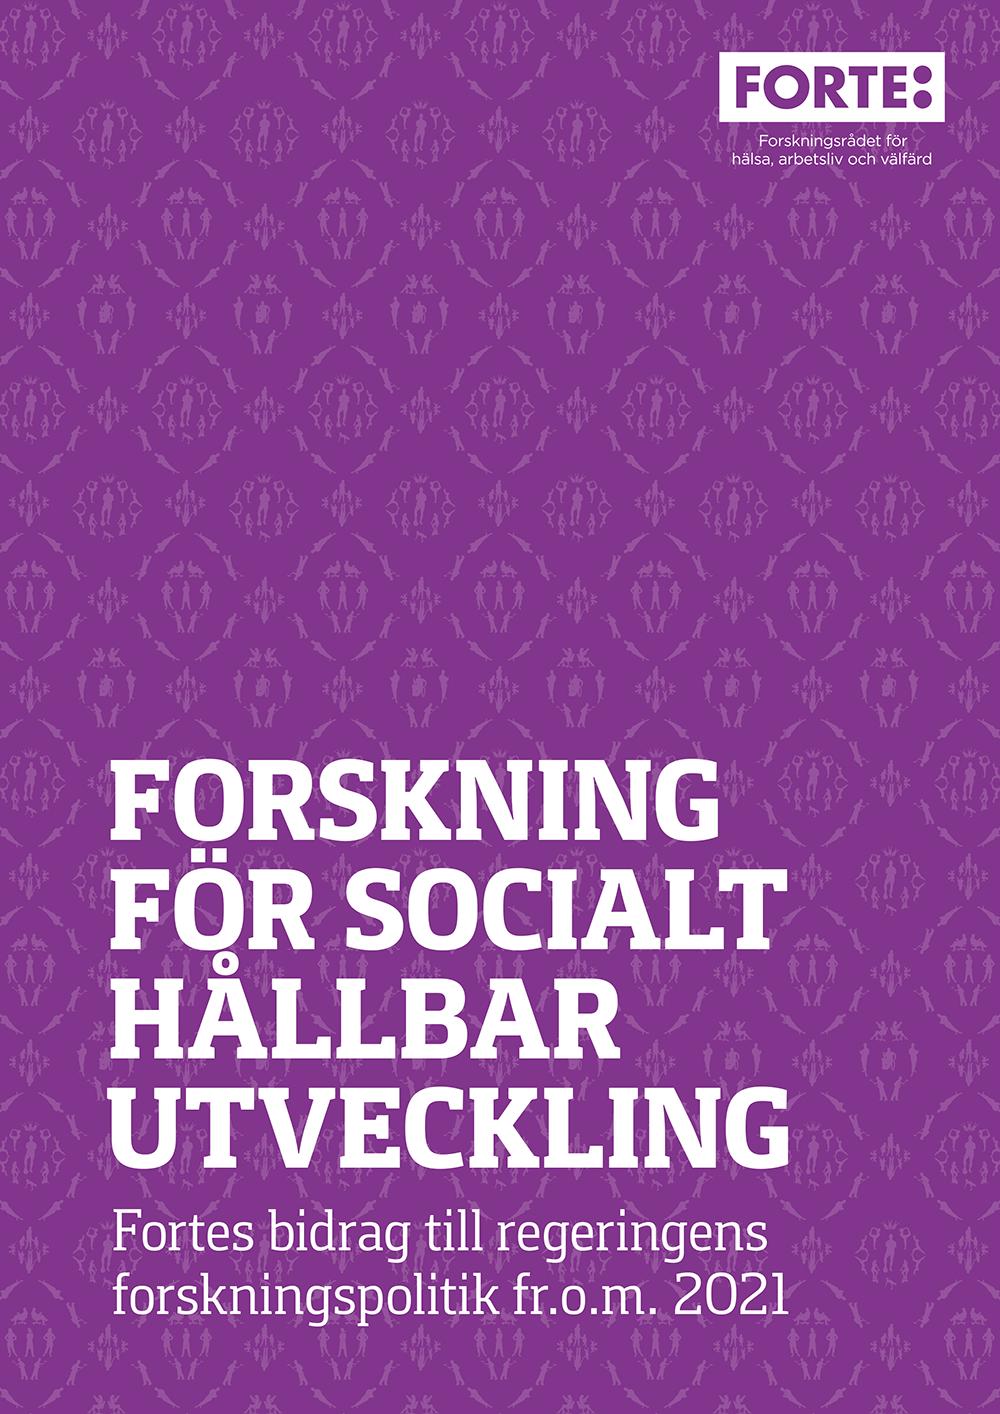 Forskning för socialt hållbar utveckling